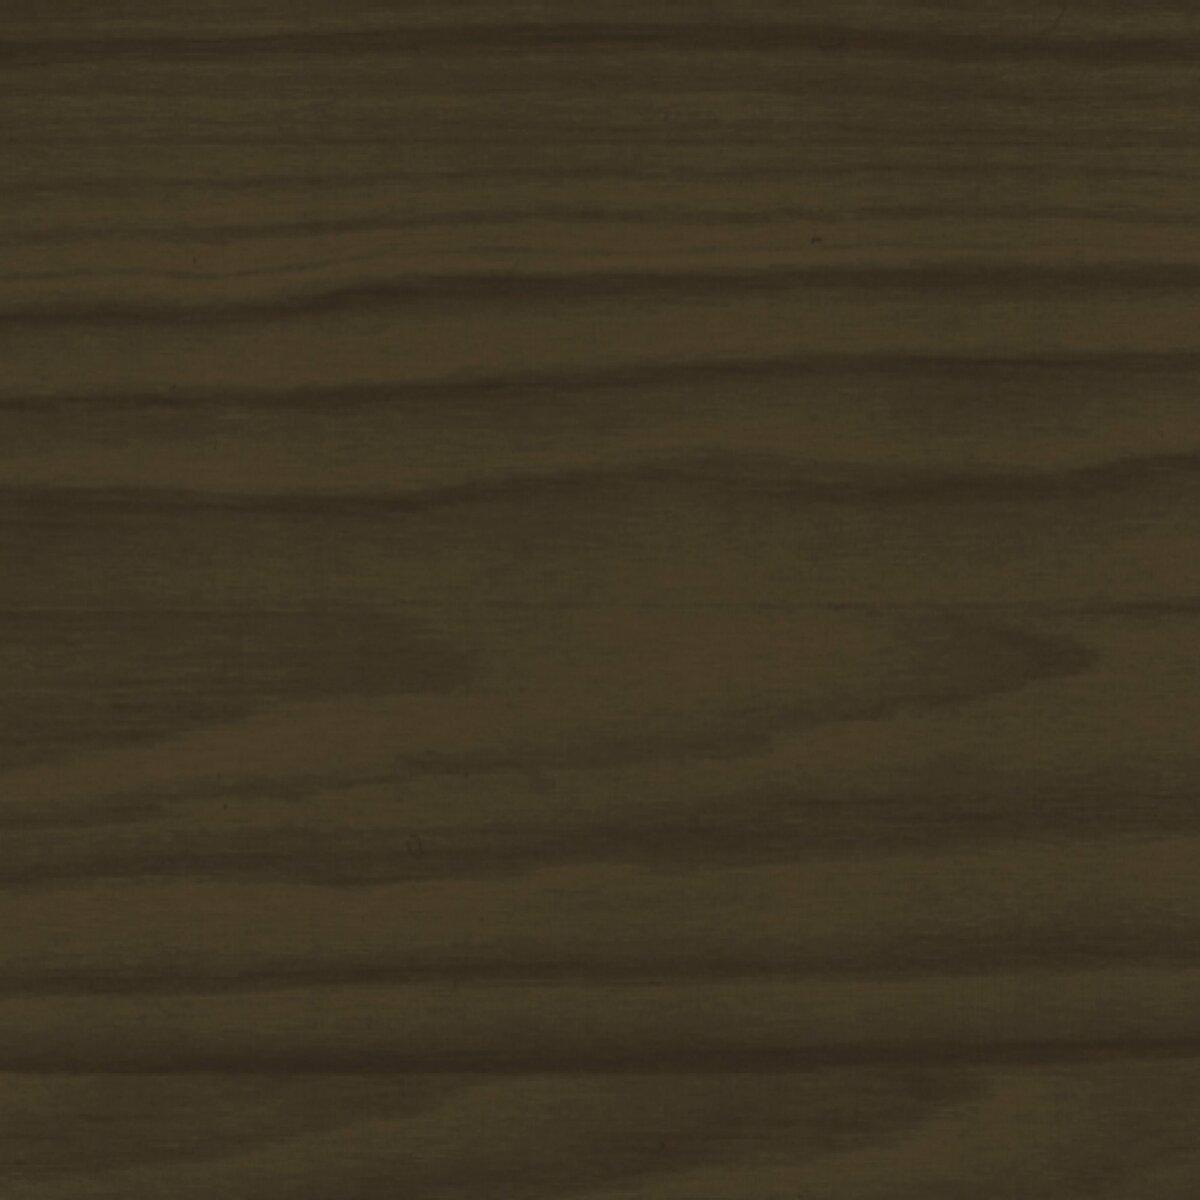 Bild 5 von toomEigenmarken -              toom Dauerschutz-Lasur palisanderfarben 2500 ml